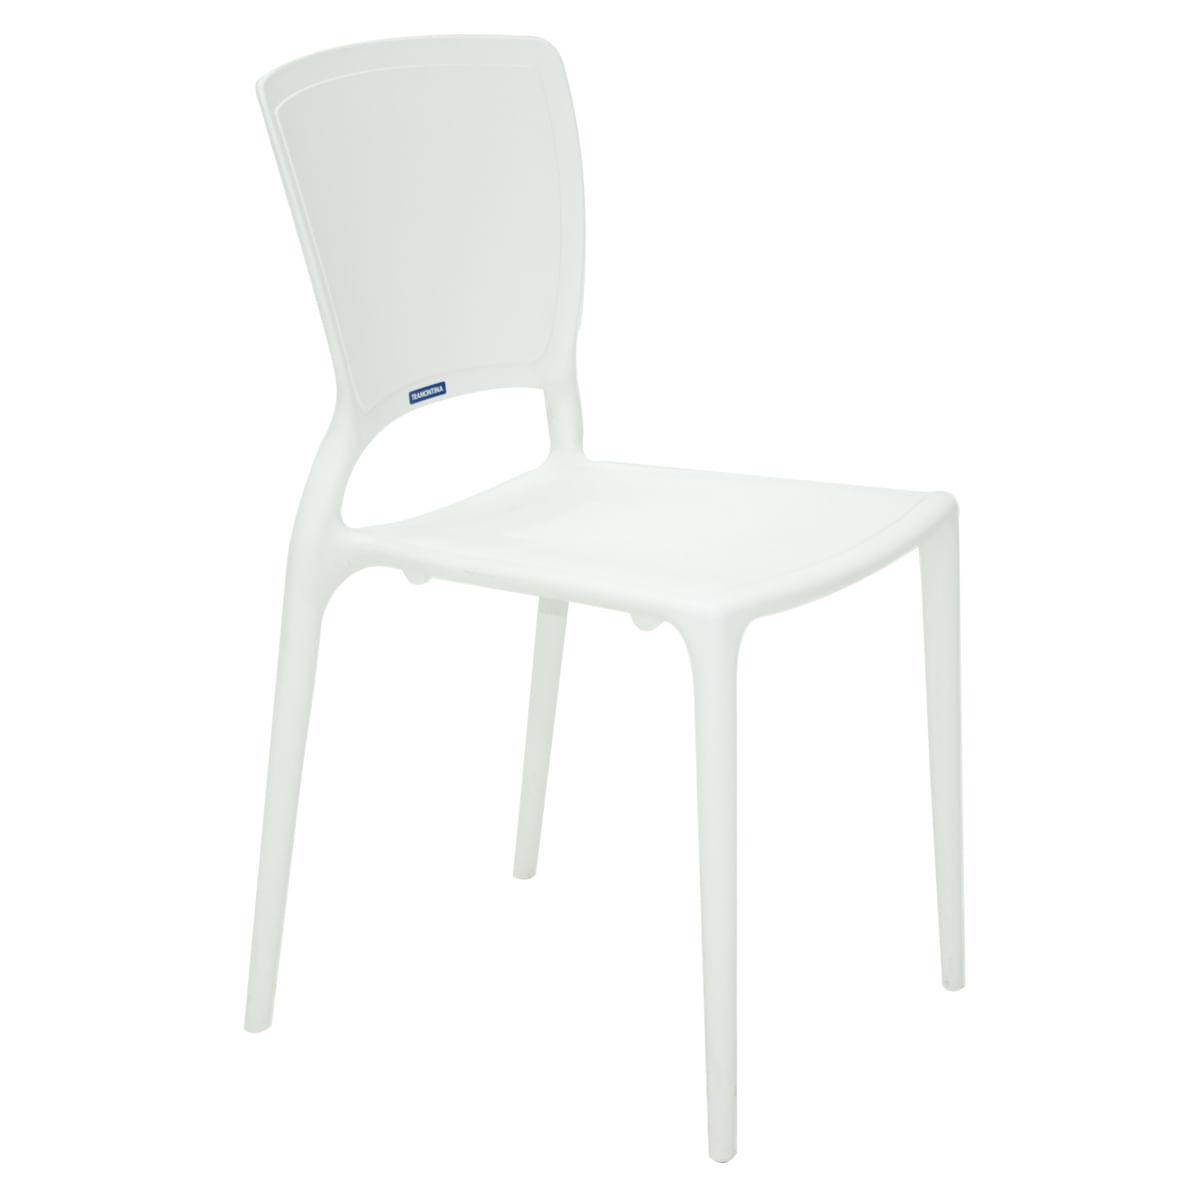 Cadeira Tramontina Sofia Branca com Encosto Fechado em Polipropileno e Fibra de Vidro